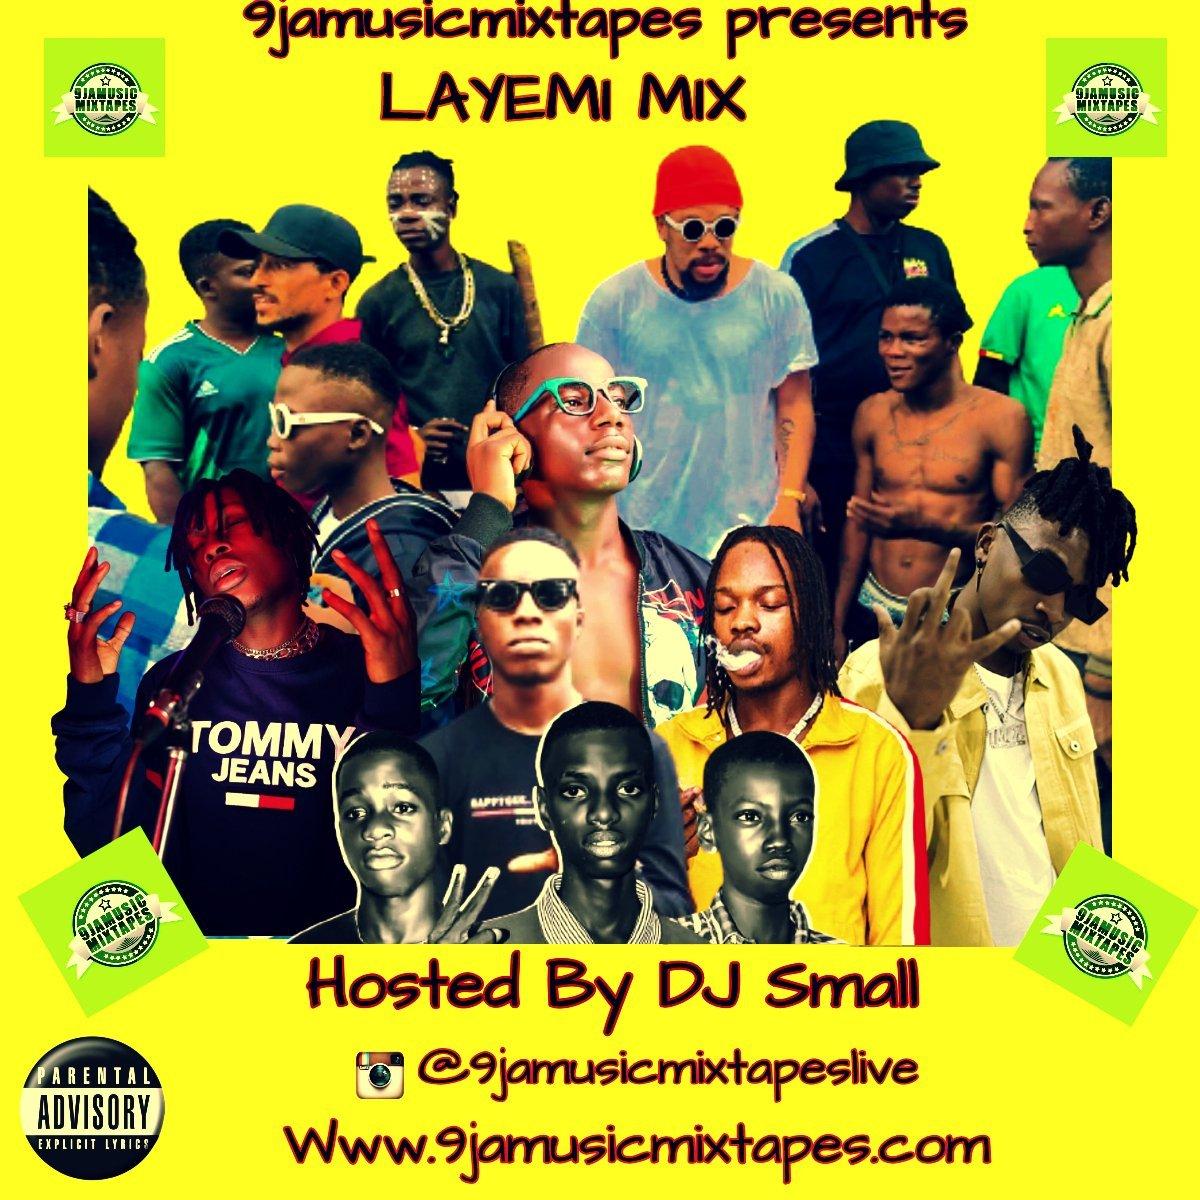 LAYEMI MIX1 - #Mixtape: DJ Small a.k.a 'Kuru ibile - Layemi Mix vol.1